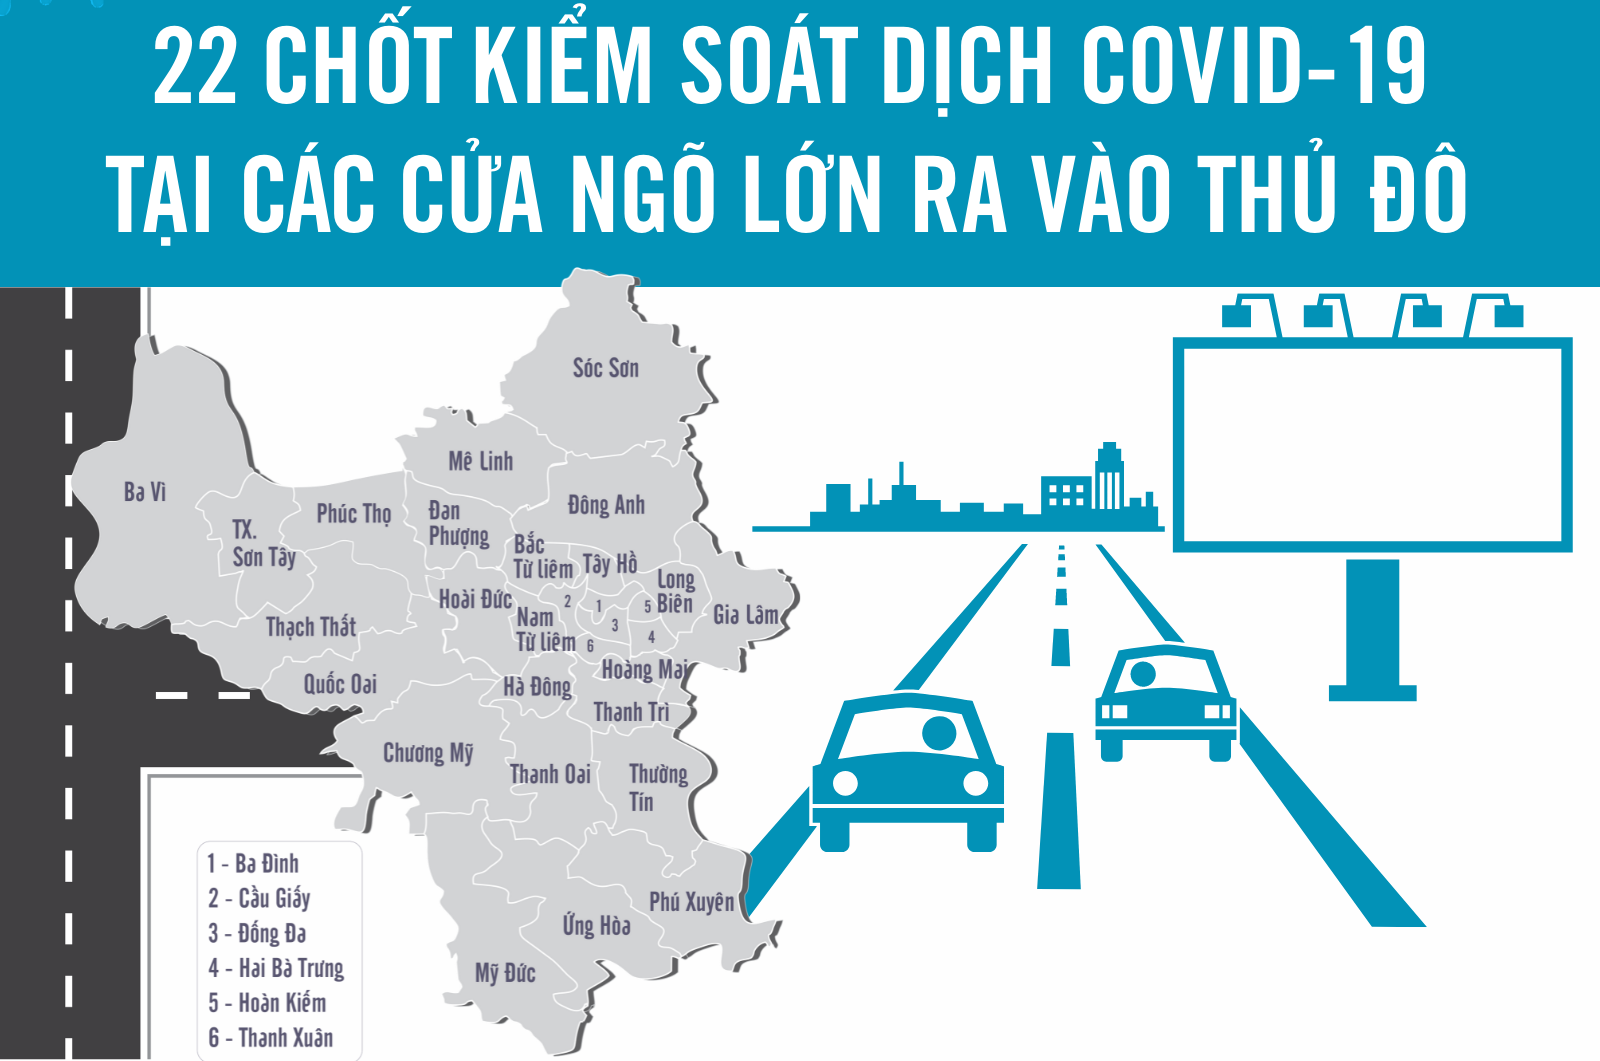 [Infographic] Hà Nội tổ chức 22 chốt kiểm soát phòng dịch